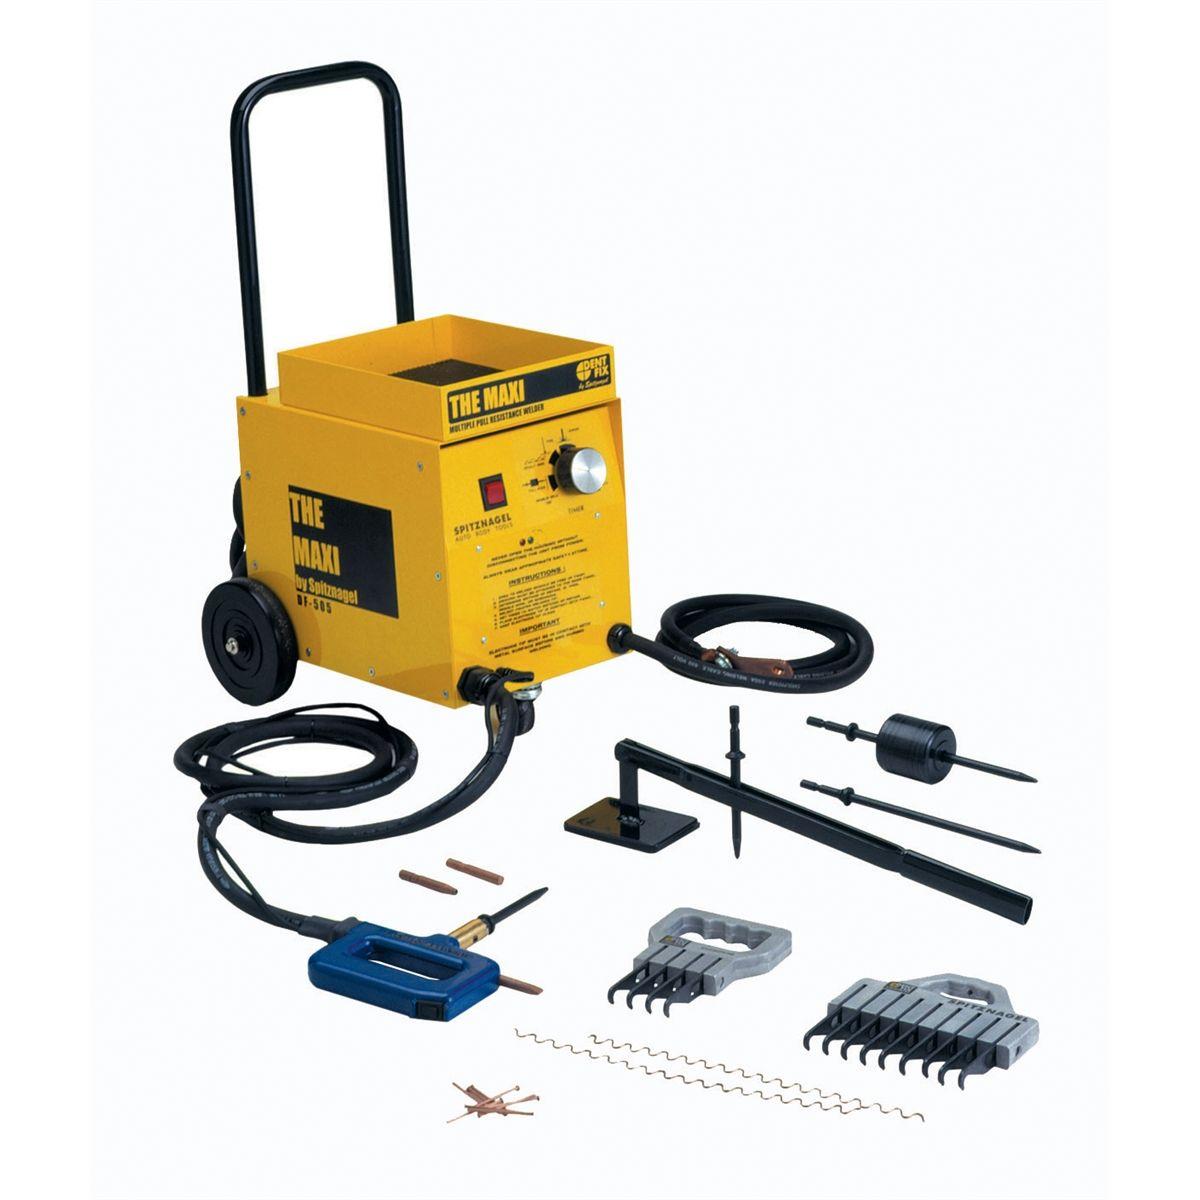 Dent Fix Equipment DF-505 The Maxi - Dent Pulling Welder DF505 DENDF505